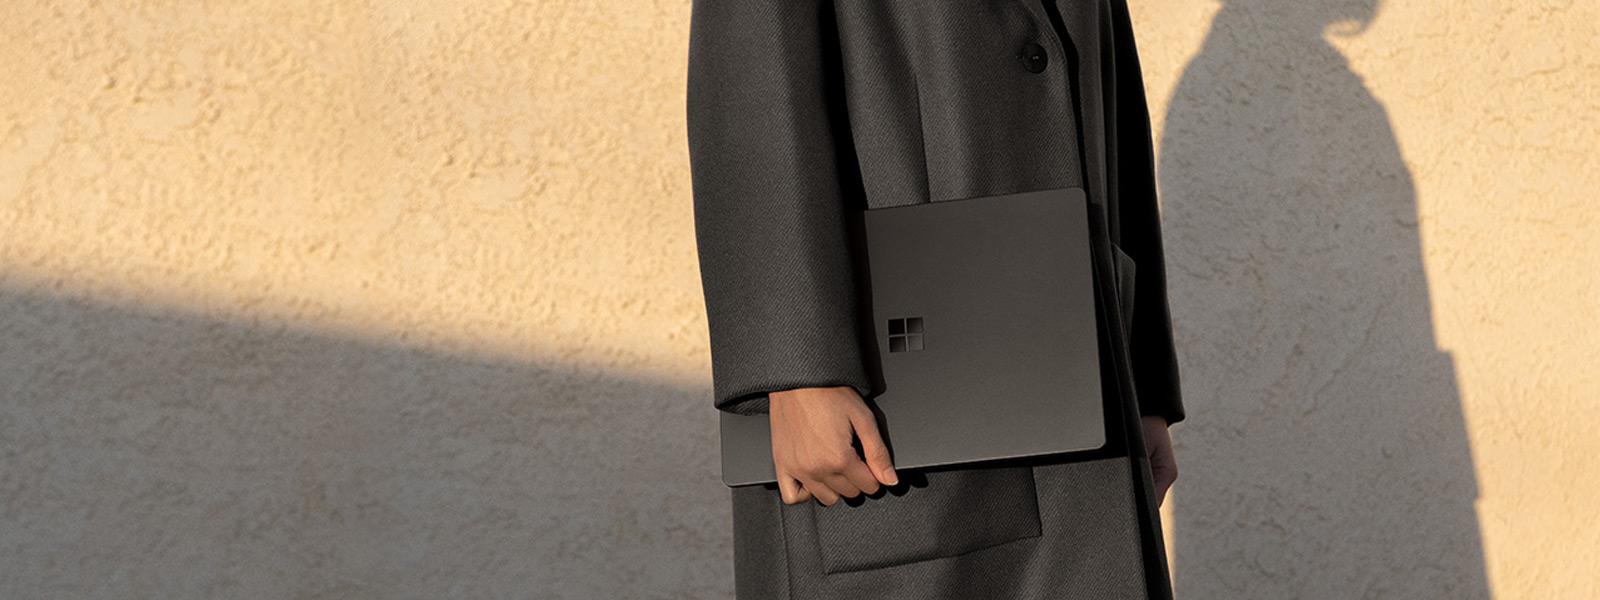 Eine Person in einer schwarzen Jacke mit einem schwarzen Surface Laptop 2